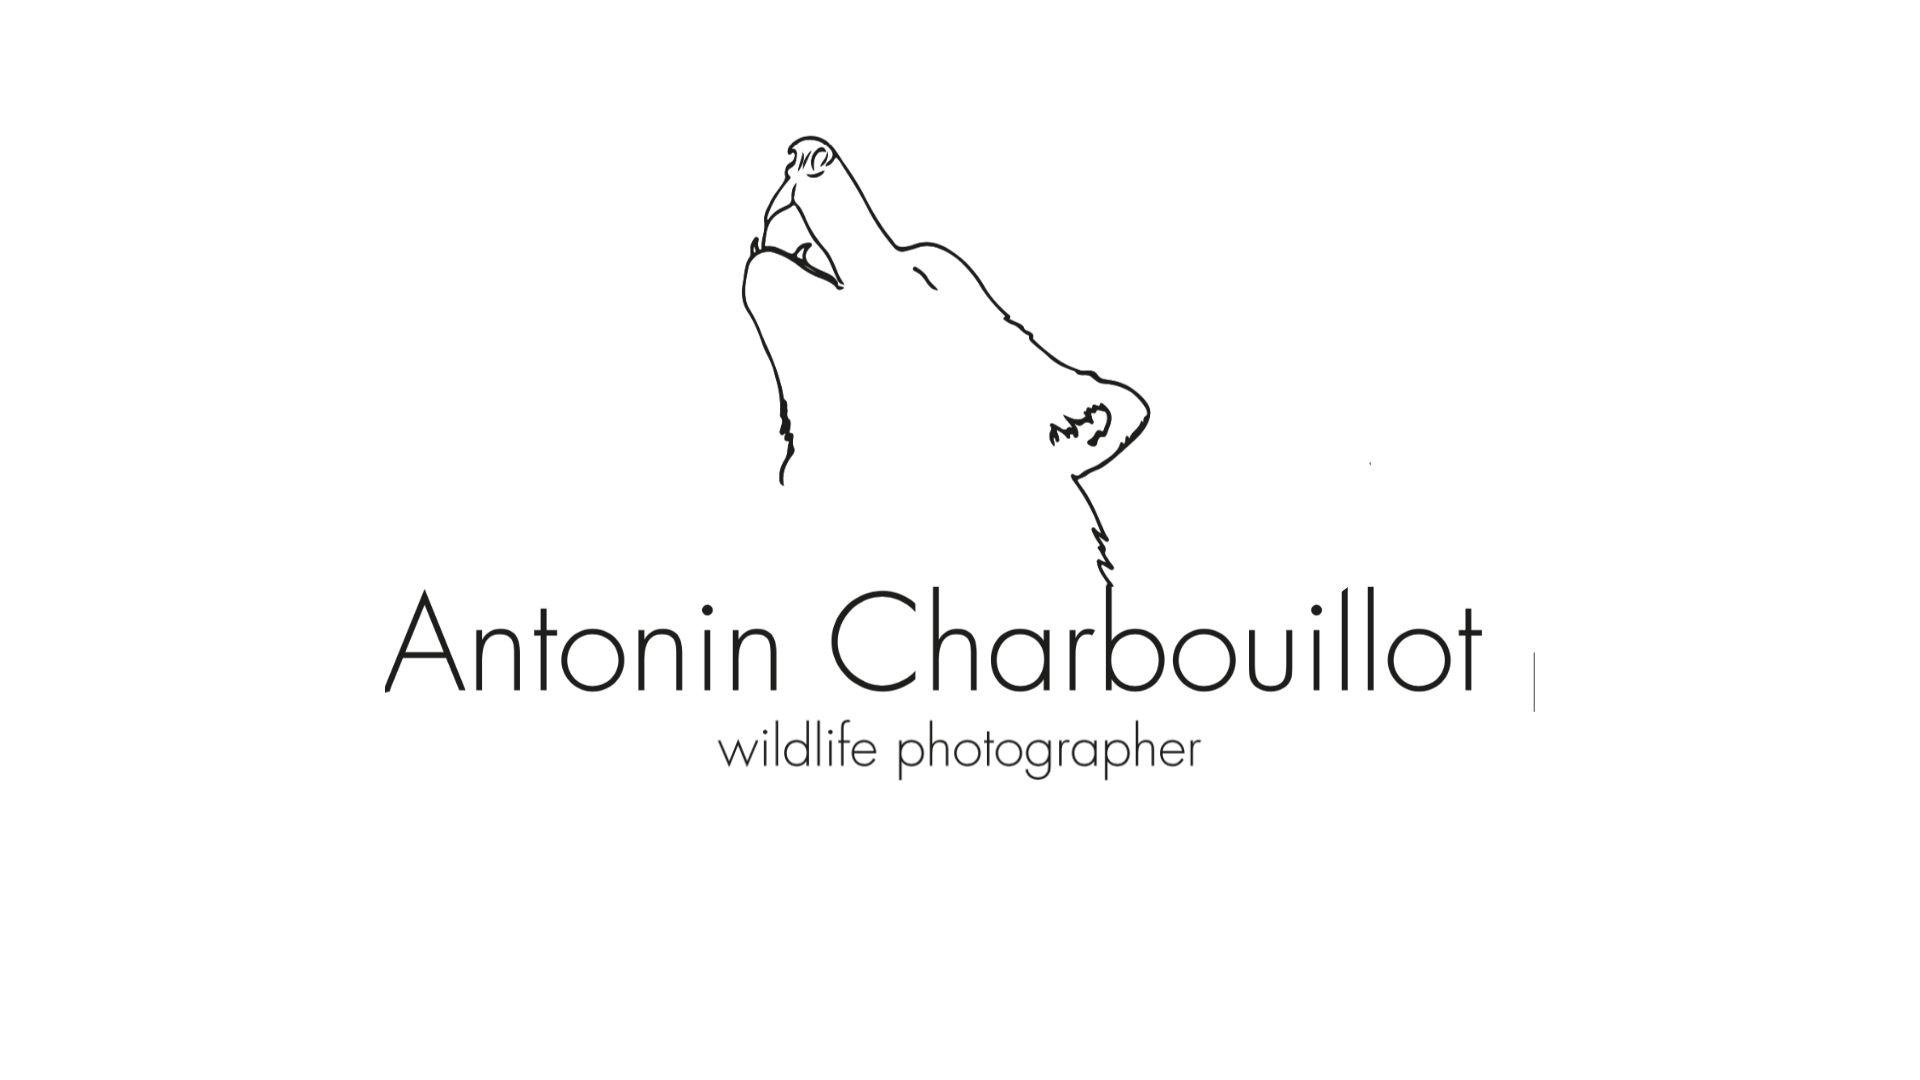 Antonin Charbouillot